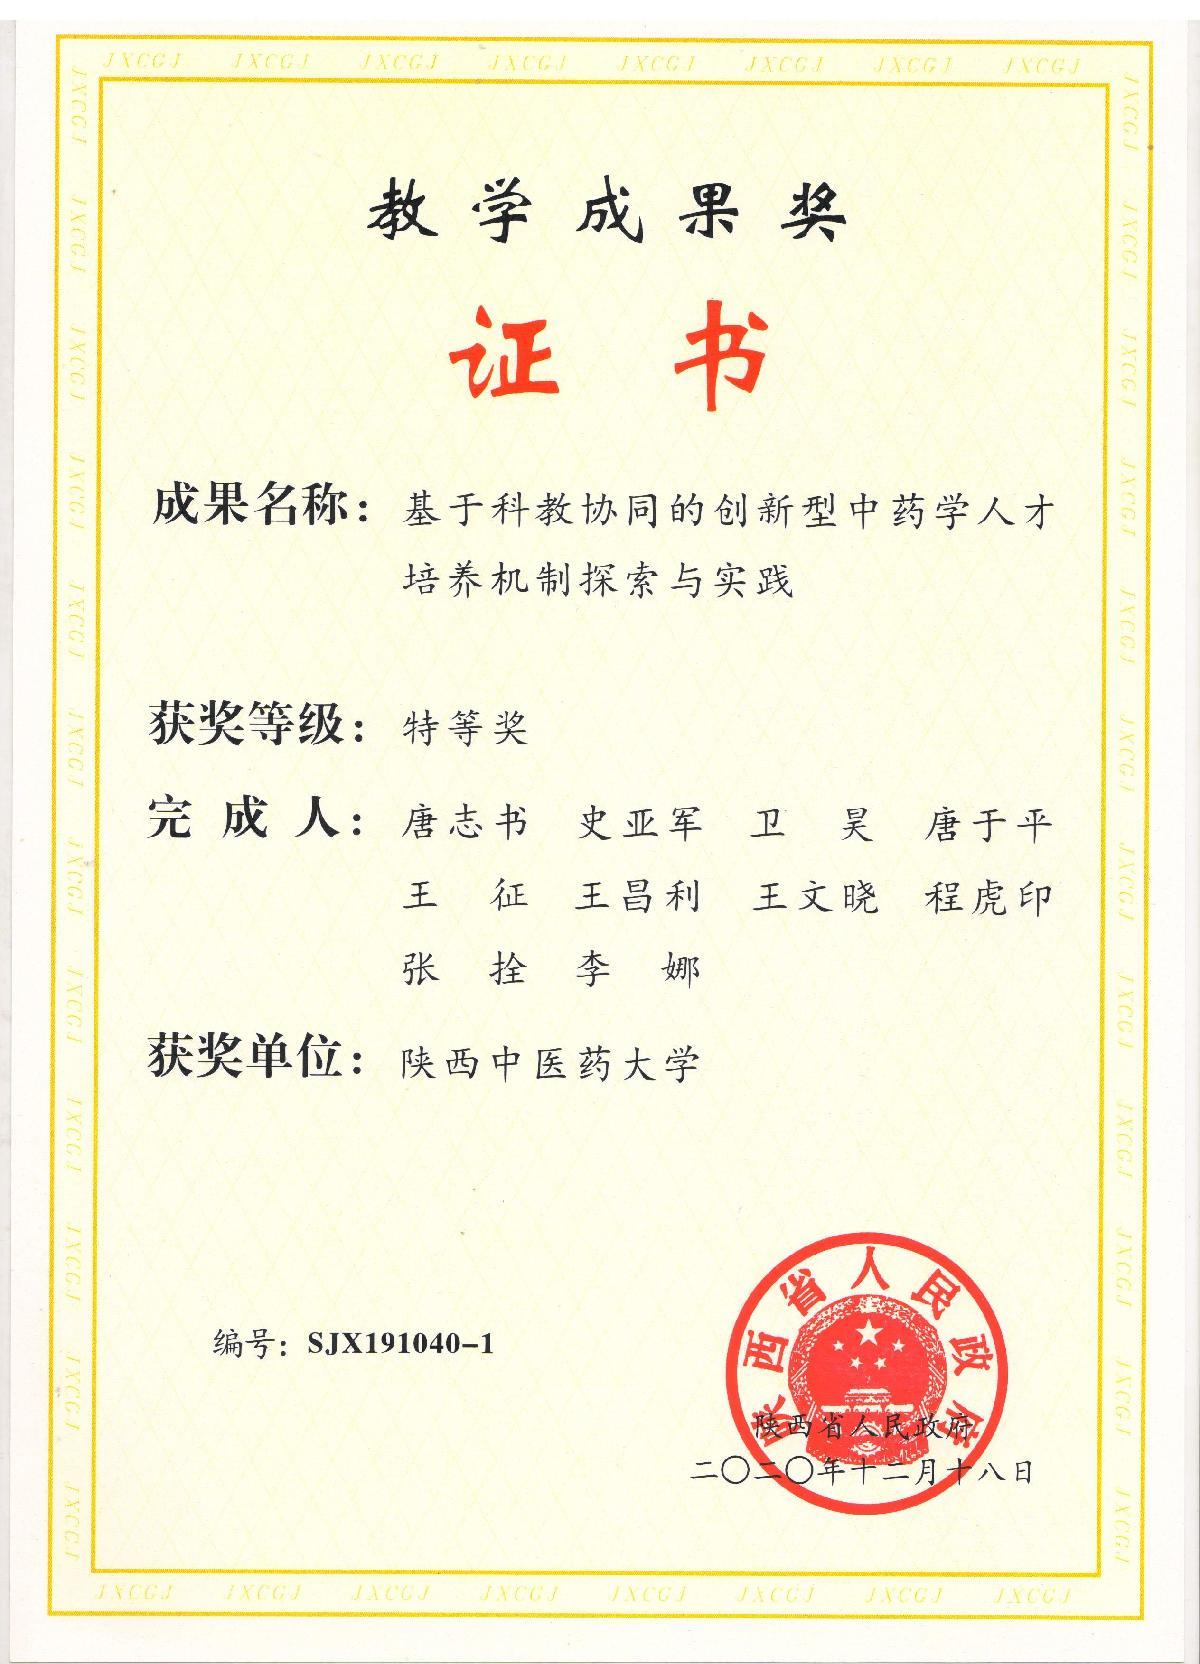 我院荣获2019年陕西省教学成果特等奖